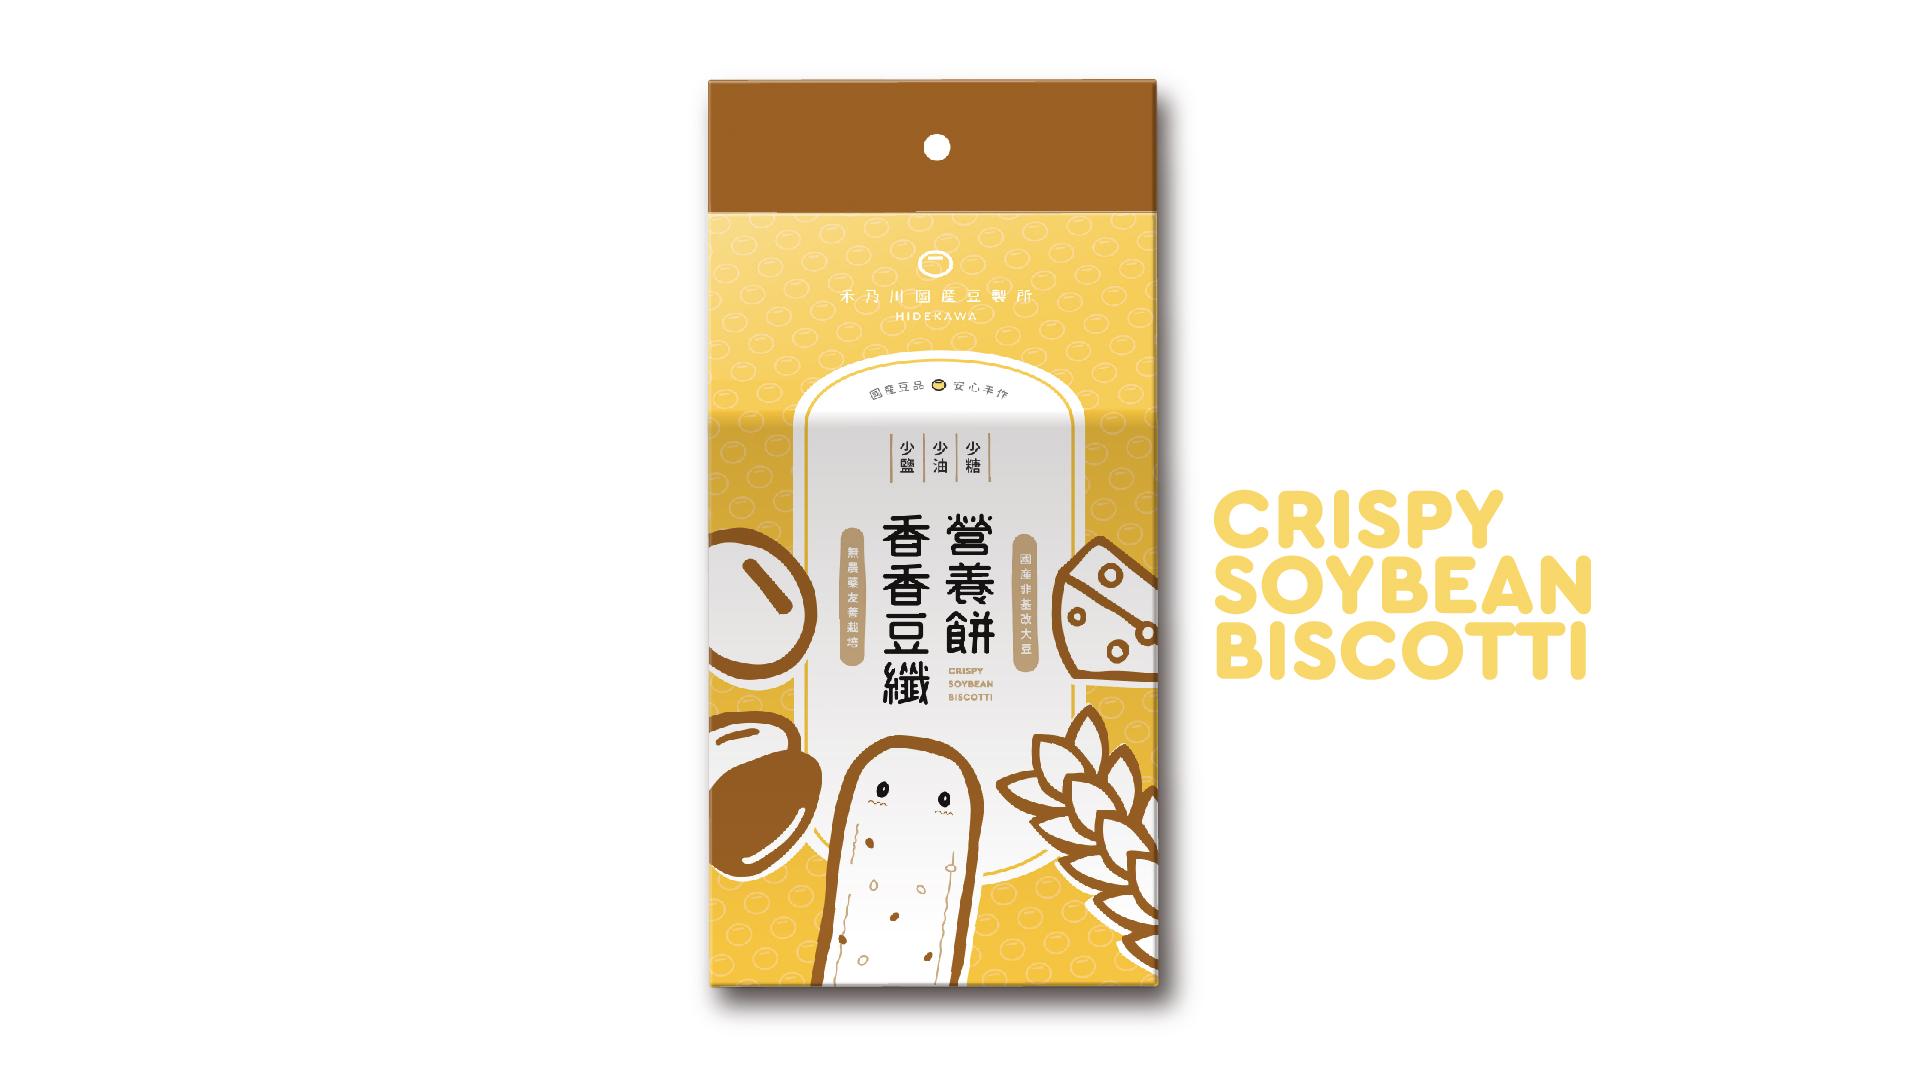 香香豆纖營養餅 - 高膳食纖維植物性蛋白質 | 禾乃川國產豆製所 | 改變生命的豆漿店